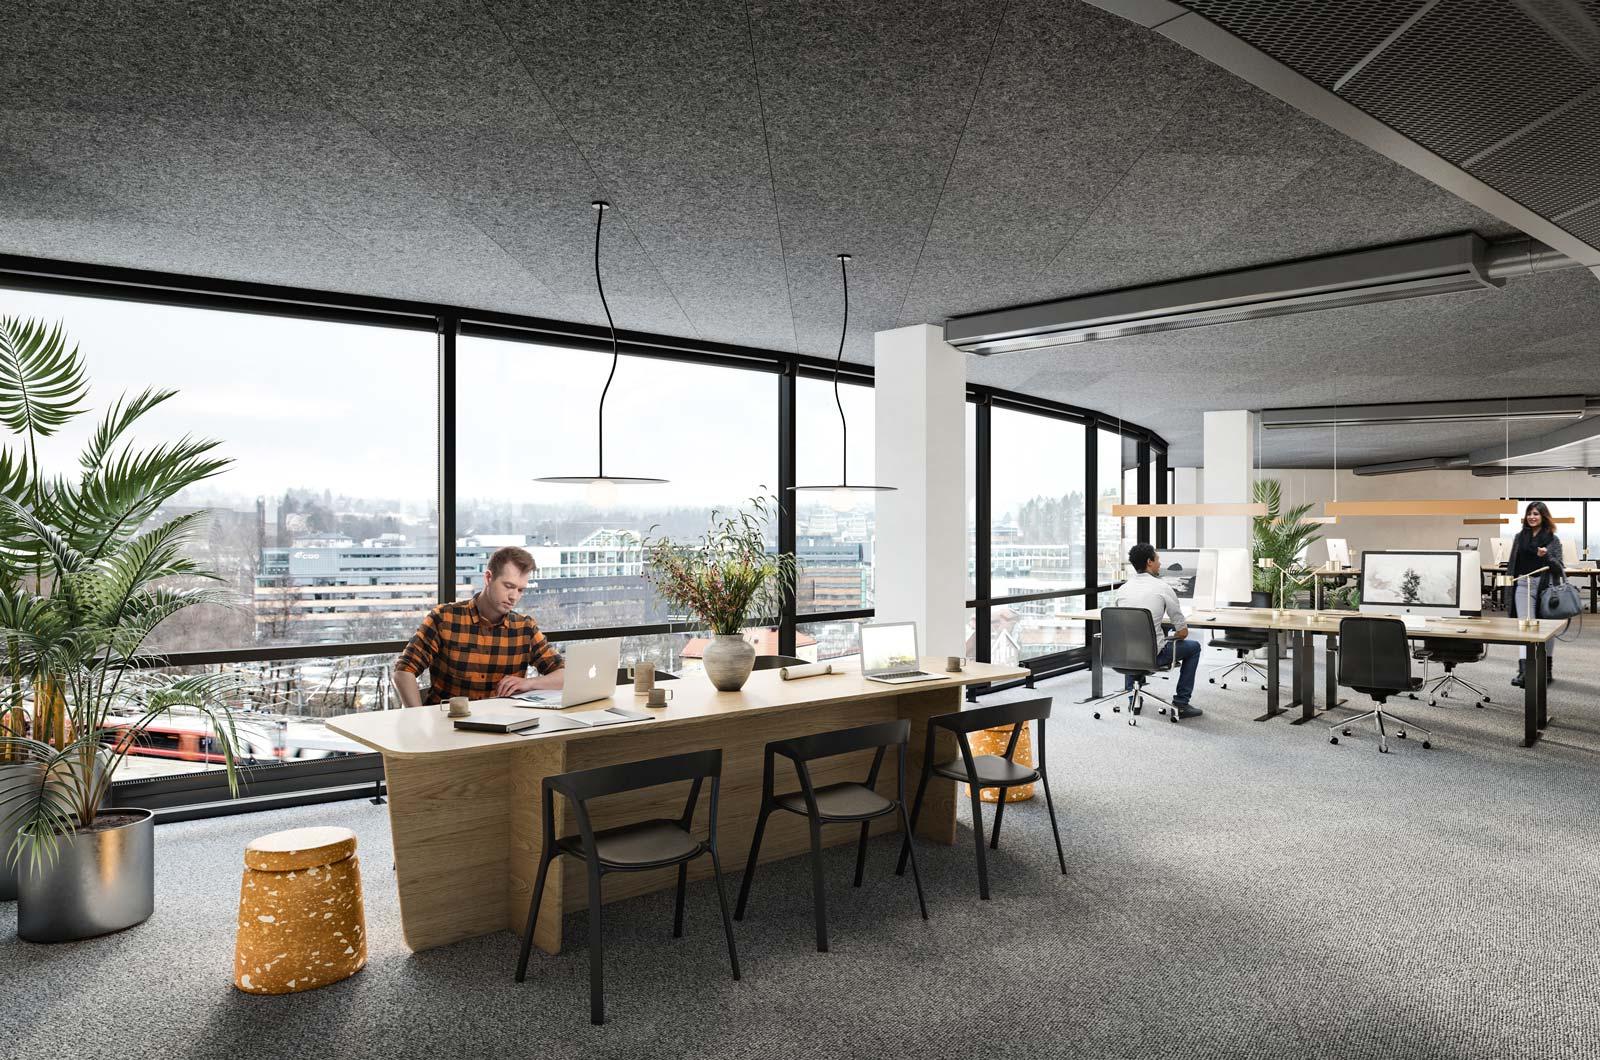 Åpne kontorlandskap med nydelig utsikt, vi tilpasser lokalene etter deres behov.